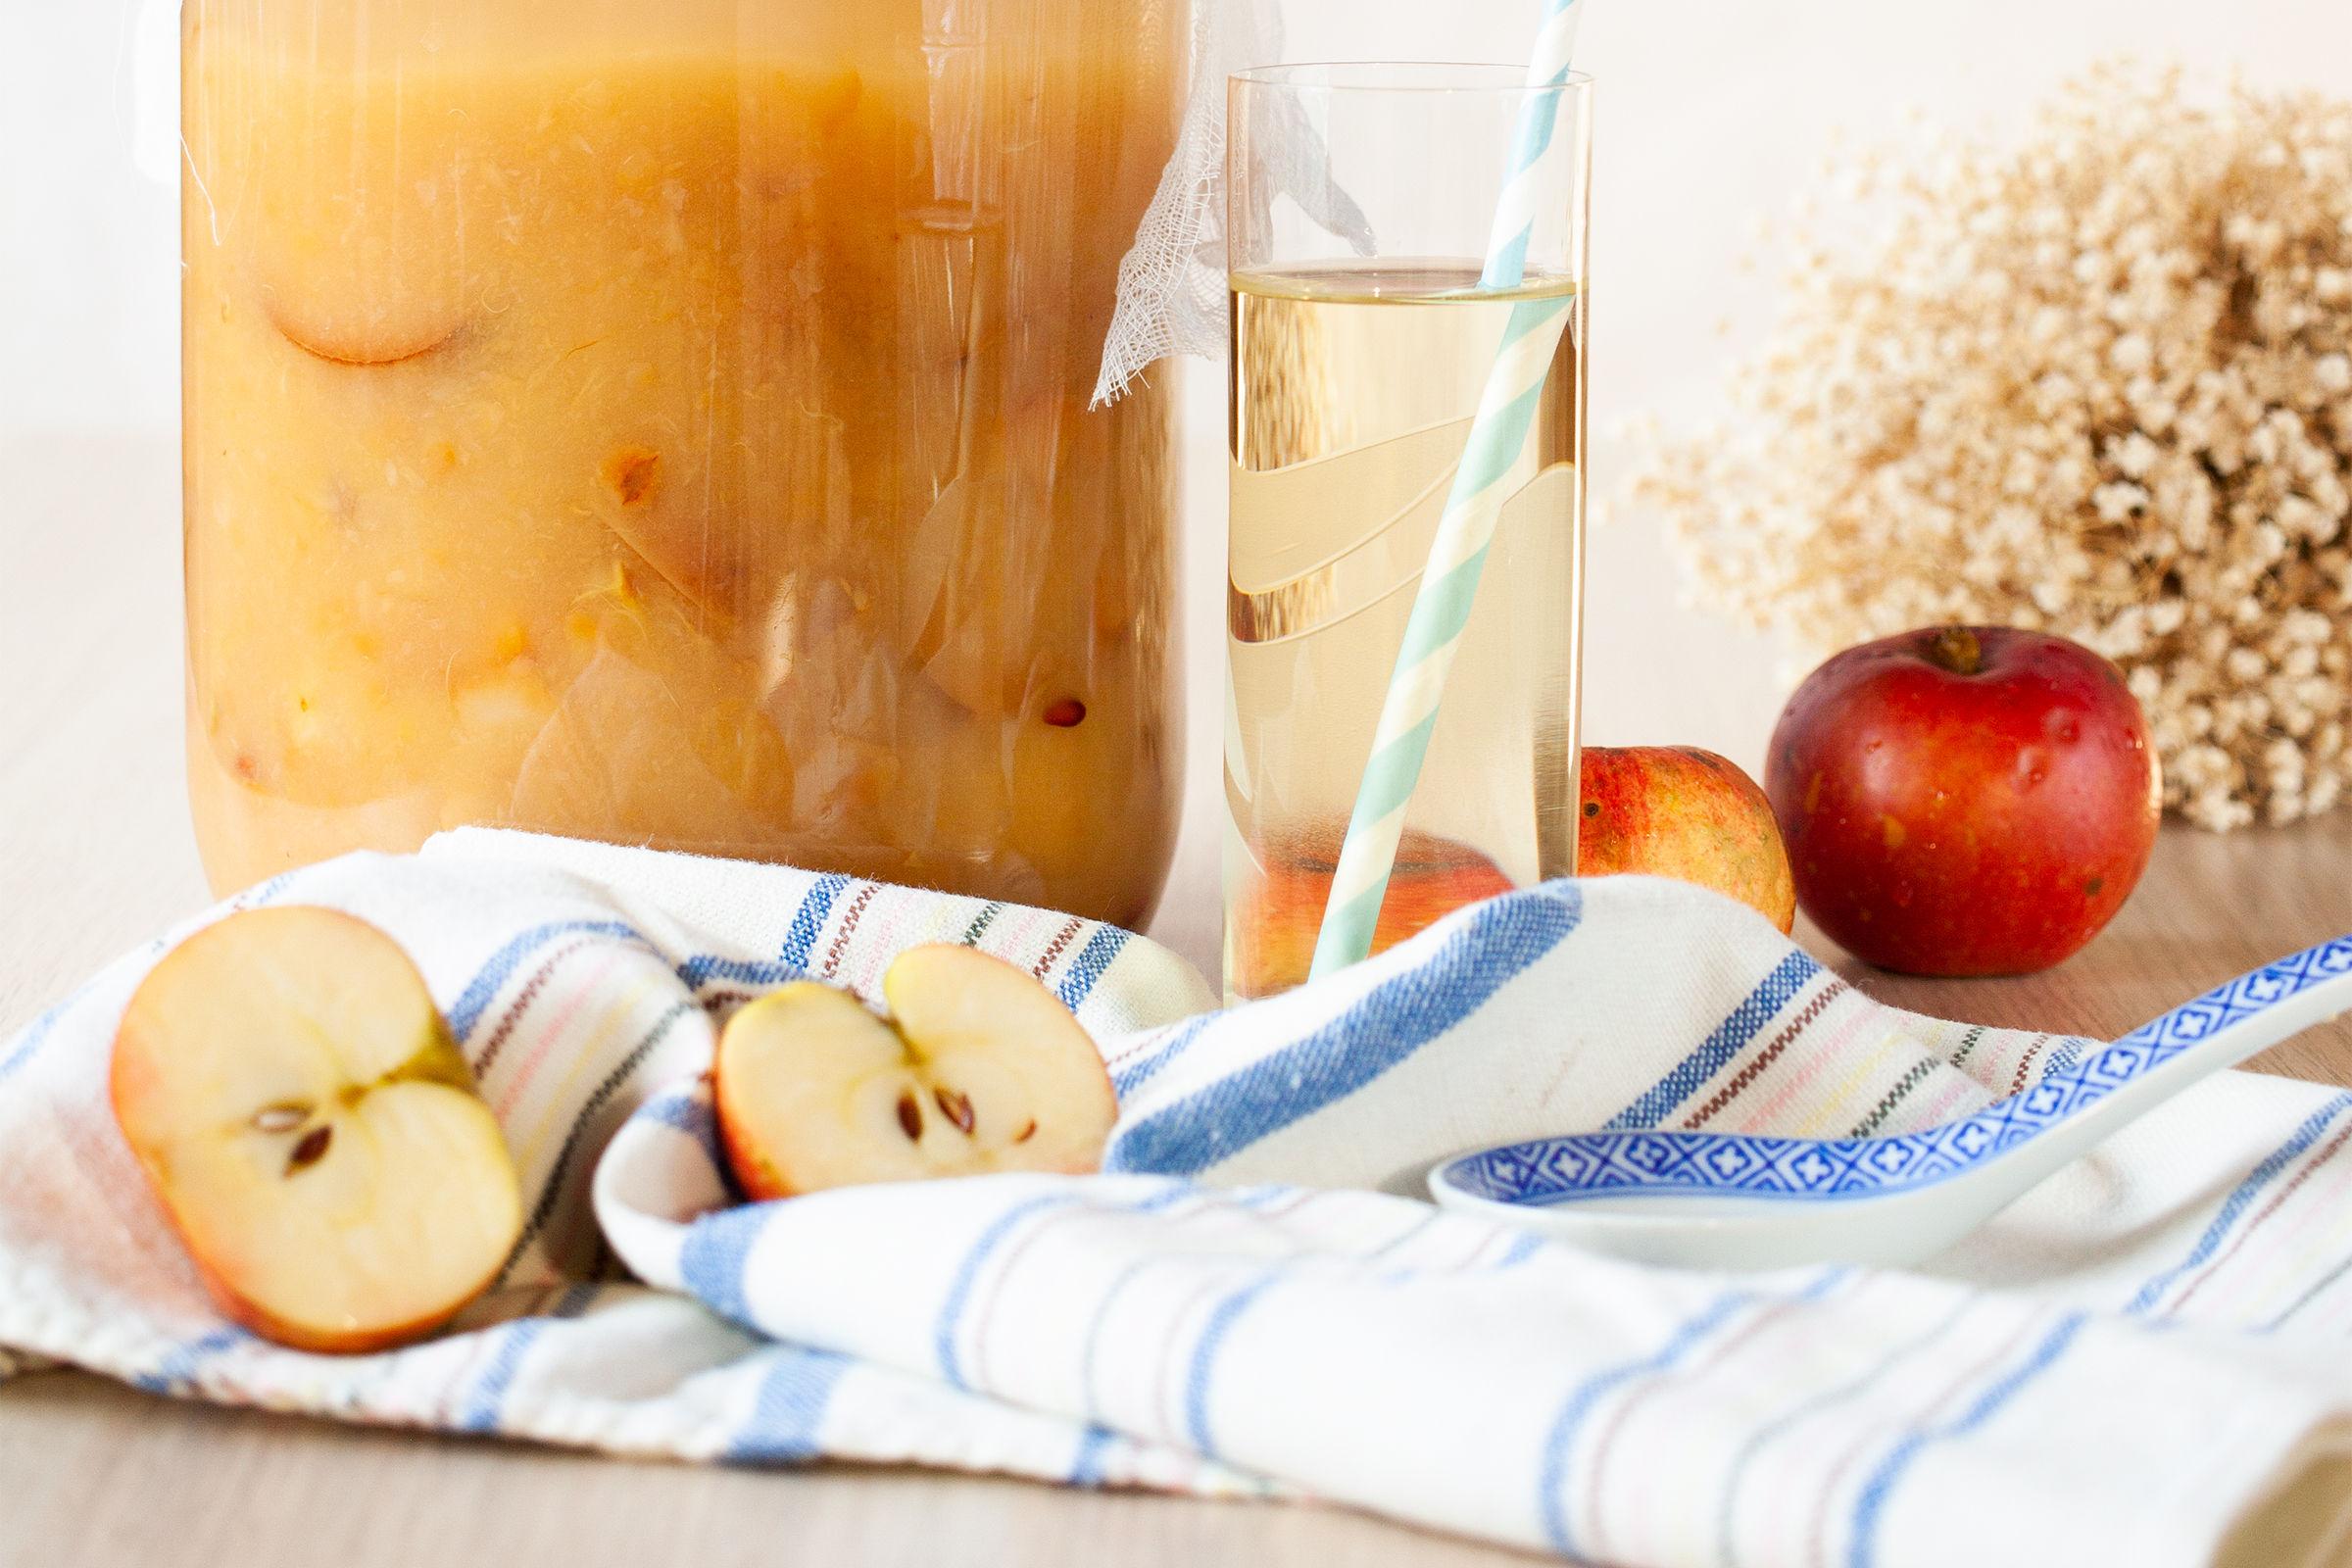 fermentujacy ocet jabłkowy